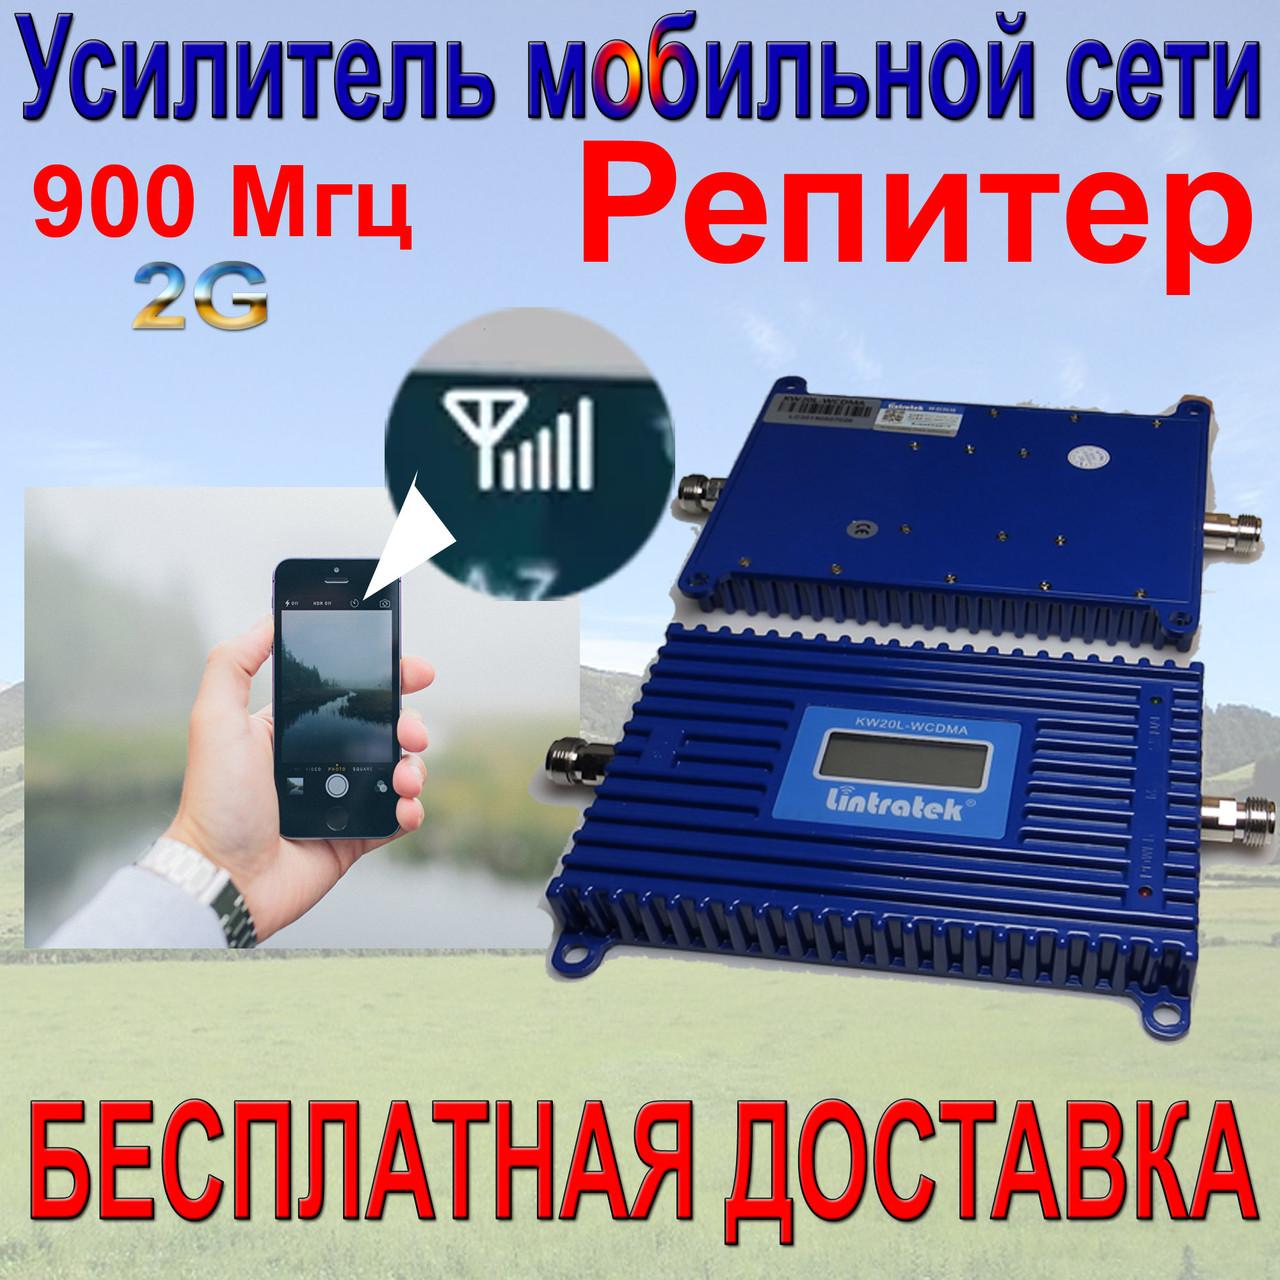 Усилитель сигнала сотовой связи - Репитер сигнала Мобильной связи GSM 900 МГц - комплект +Подарок +Скидка